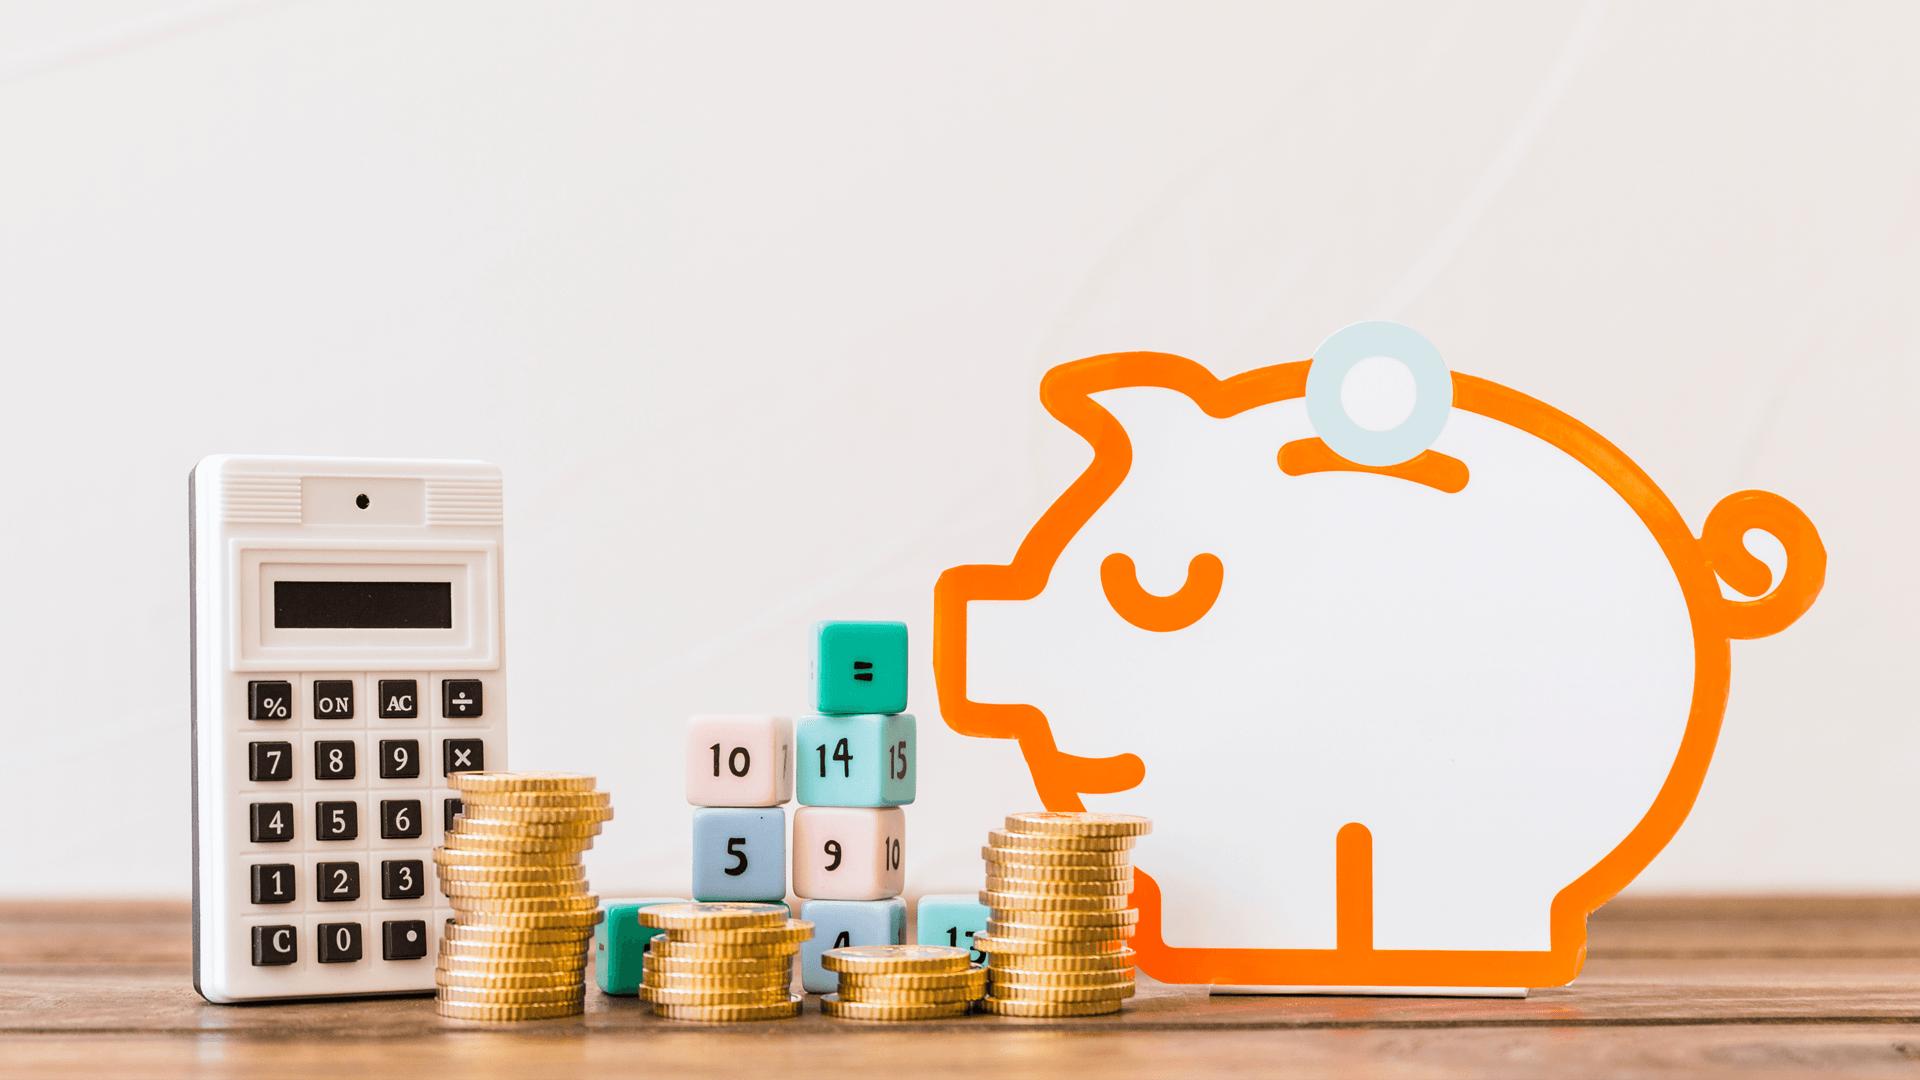 Quản lý dòng tiền trong kinh doanh hiệu quả